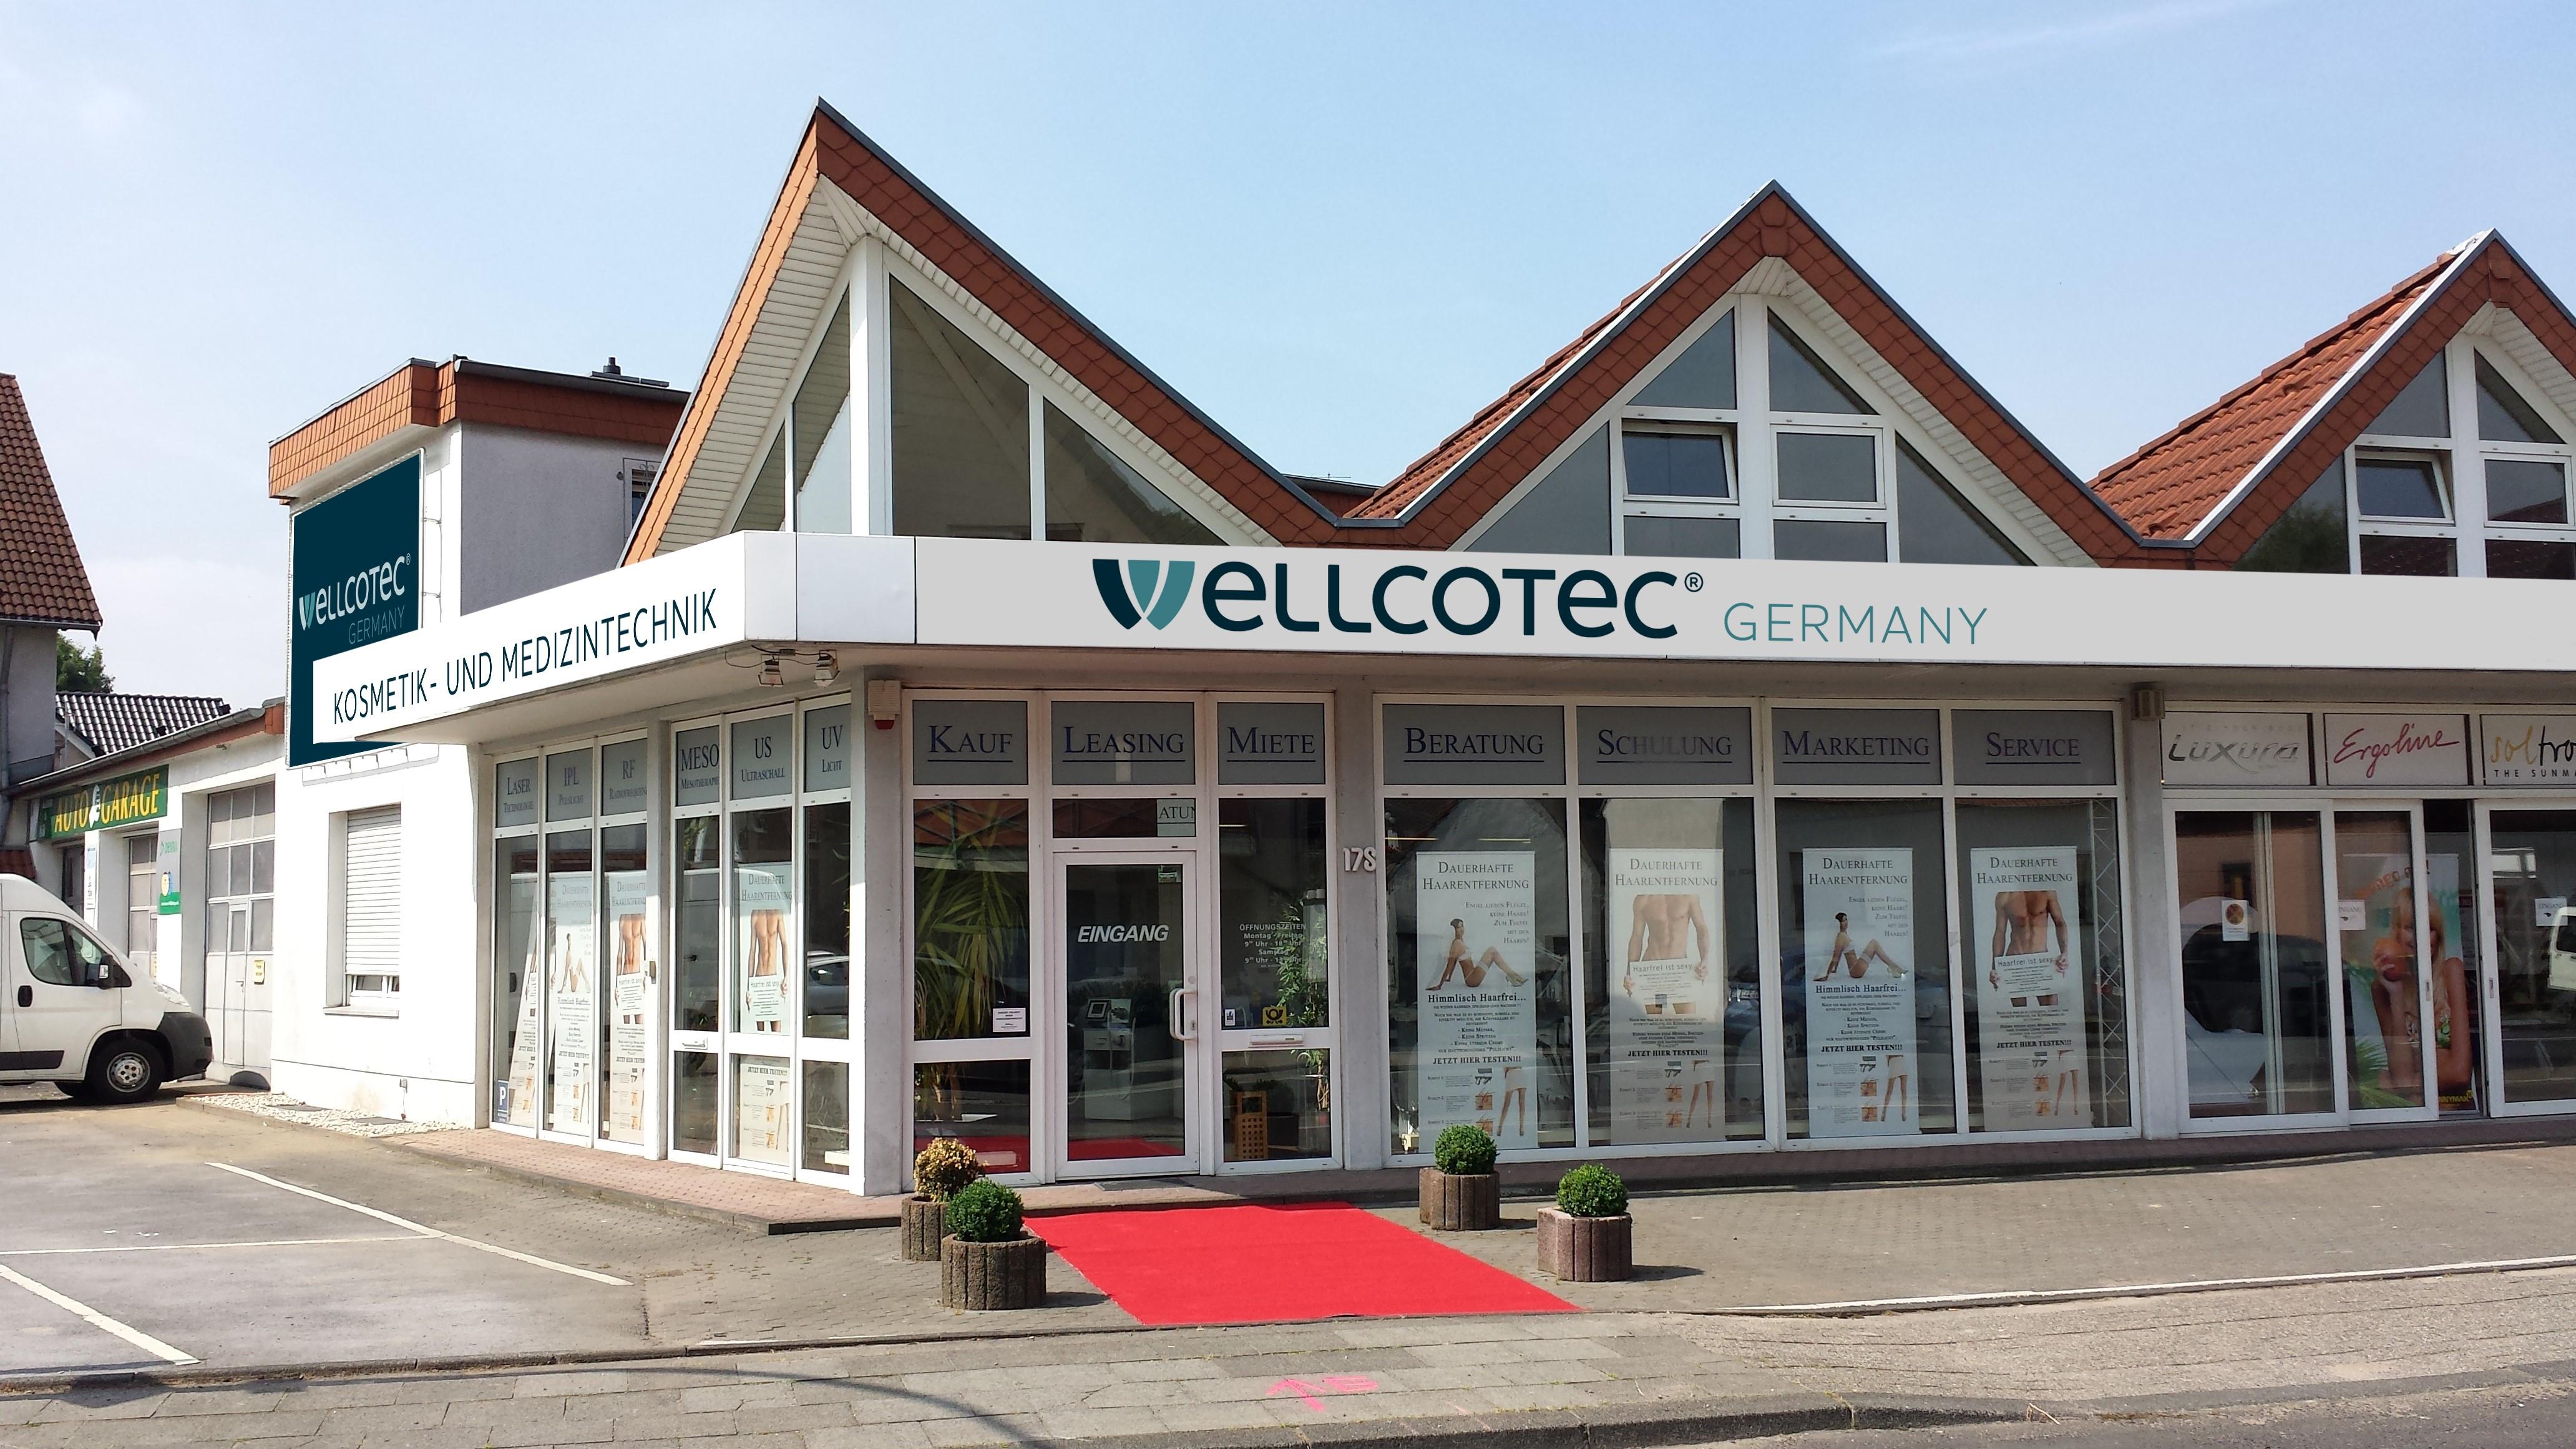 Wellcotec Germany GmbH